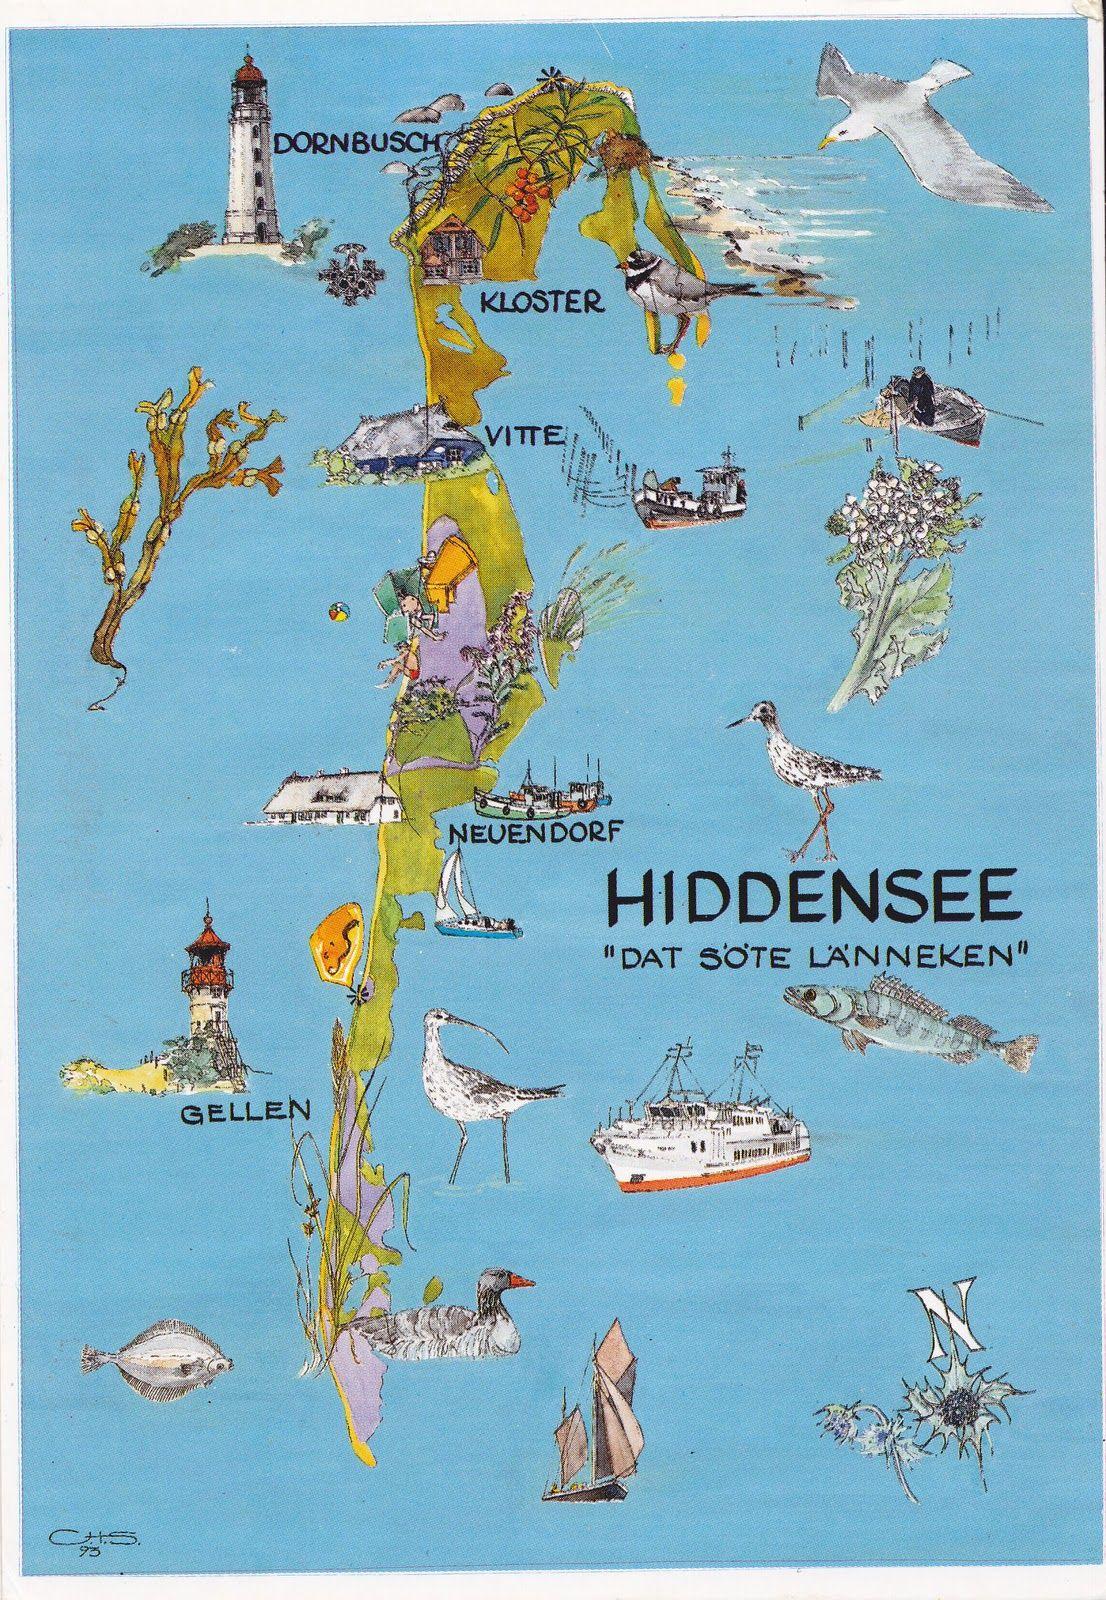 Pin Von Dyan Van Selm Auf Het Eilandgevoel Hiddensee Ostsee Rugen Wochenende Urlaub